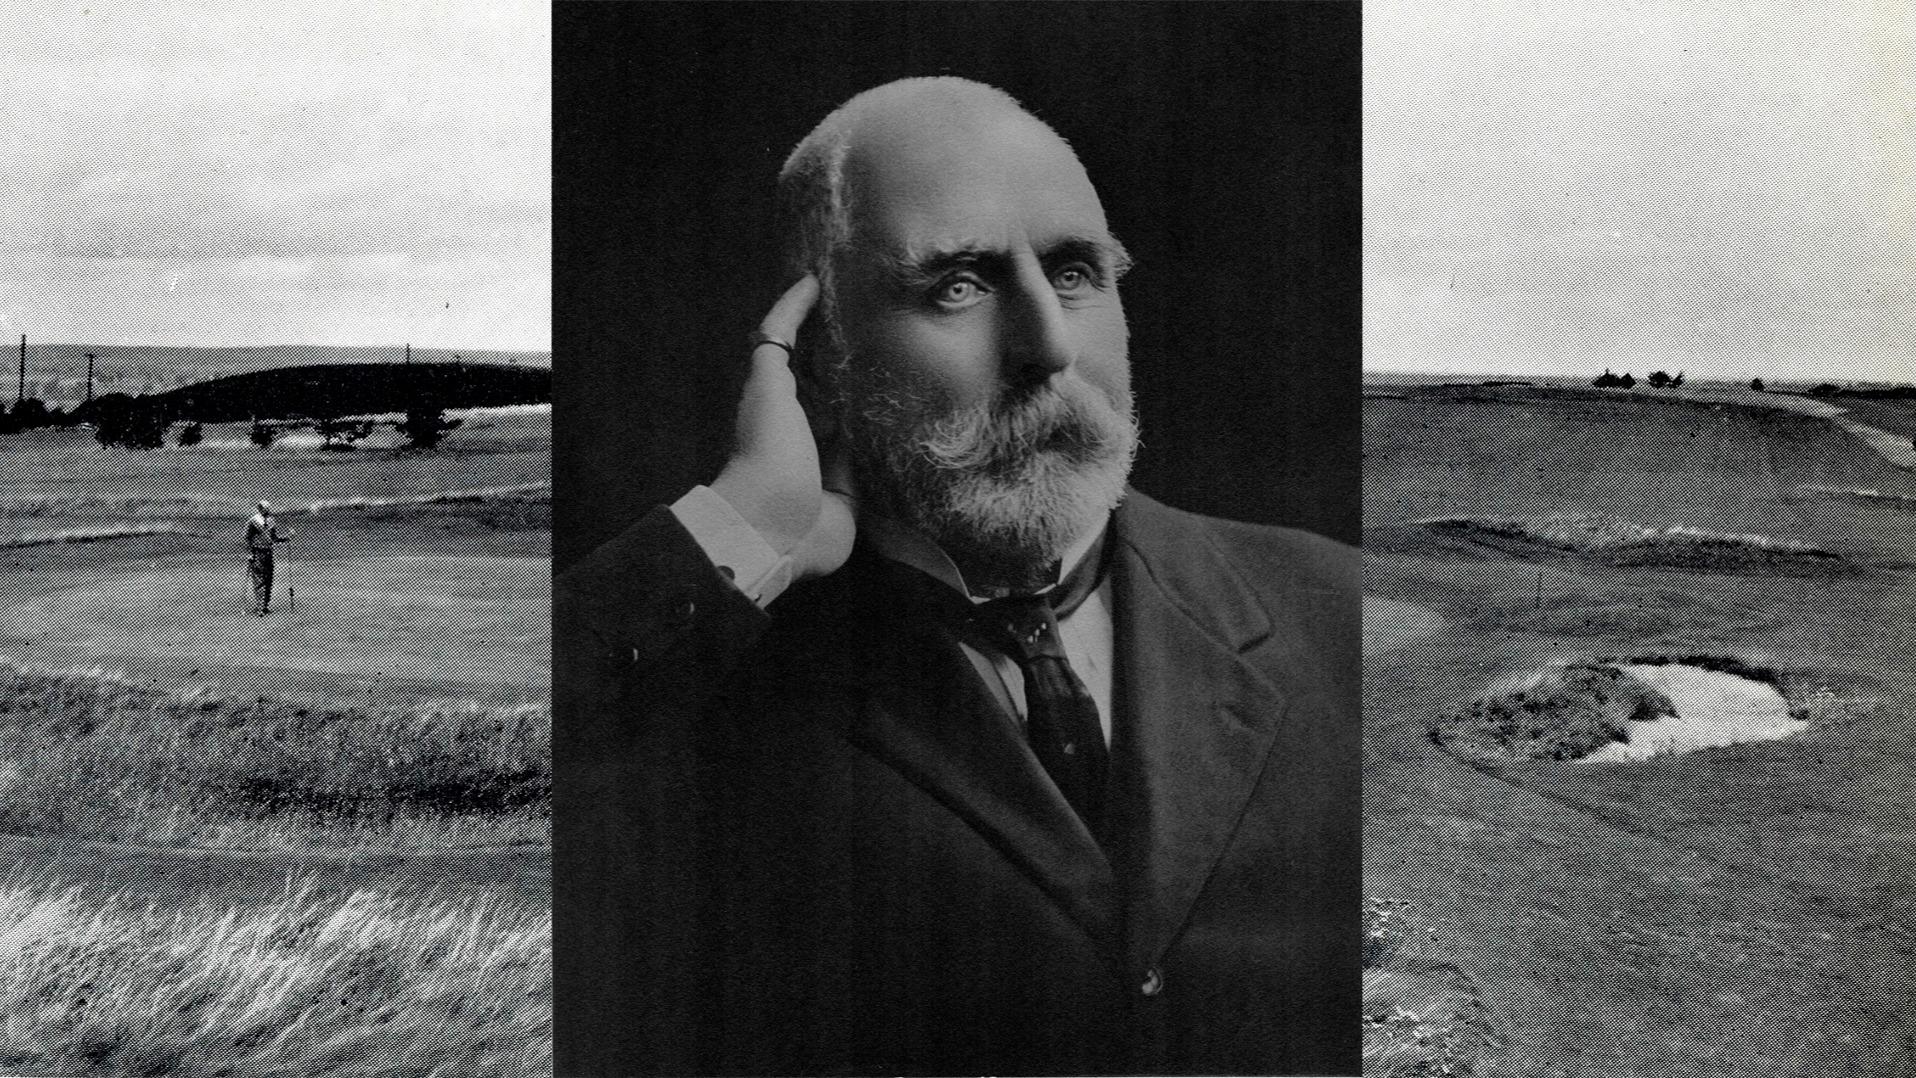 1909 - C C S Benning